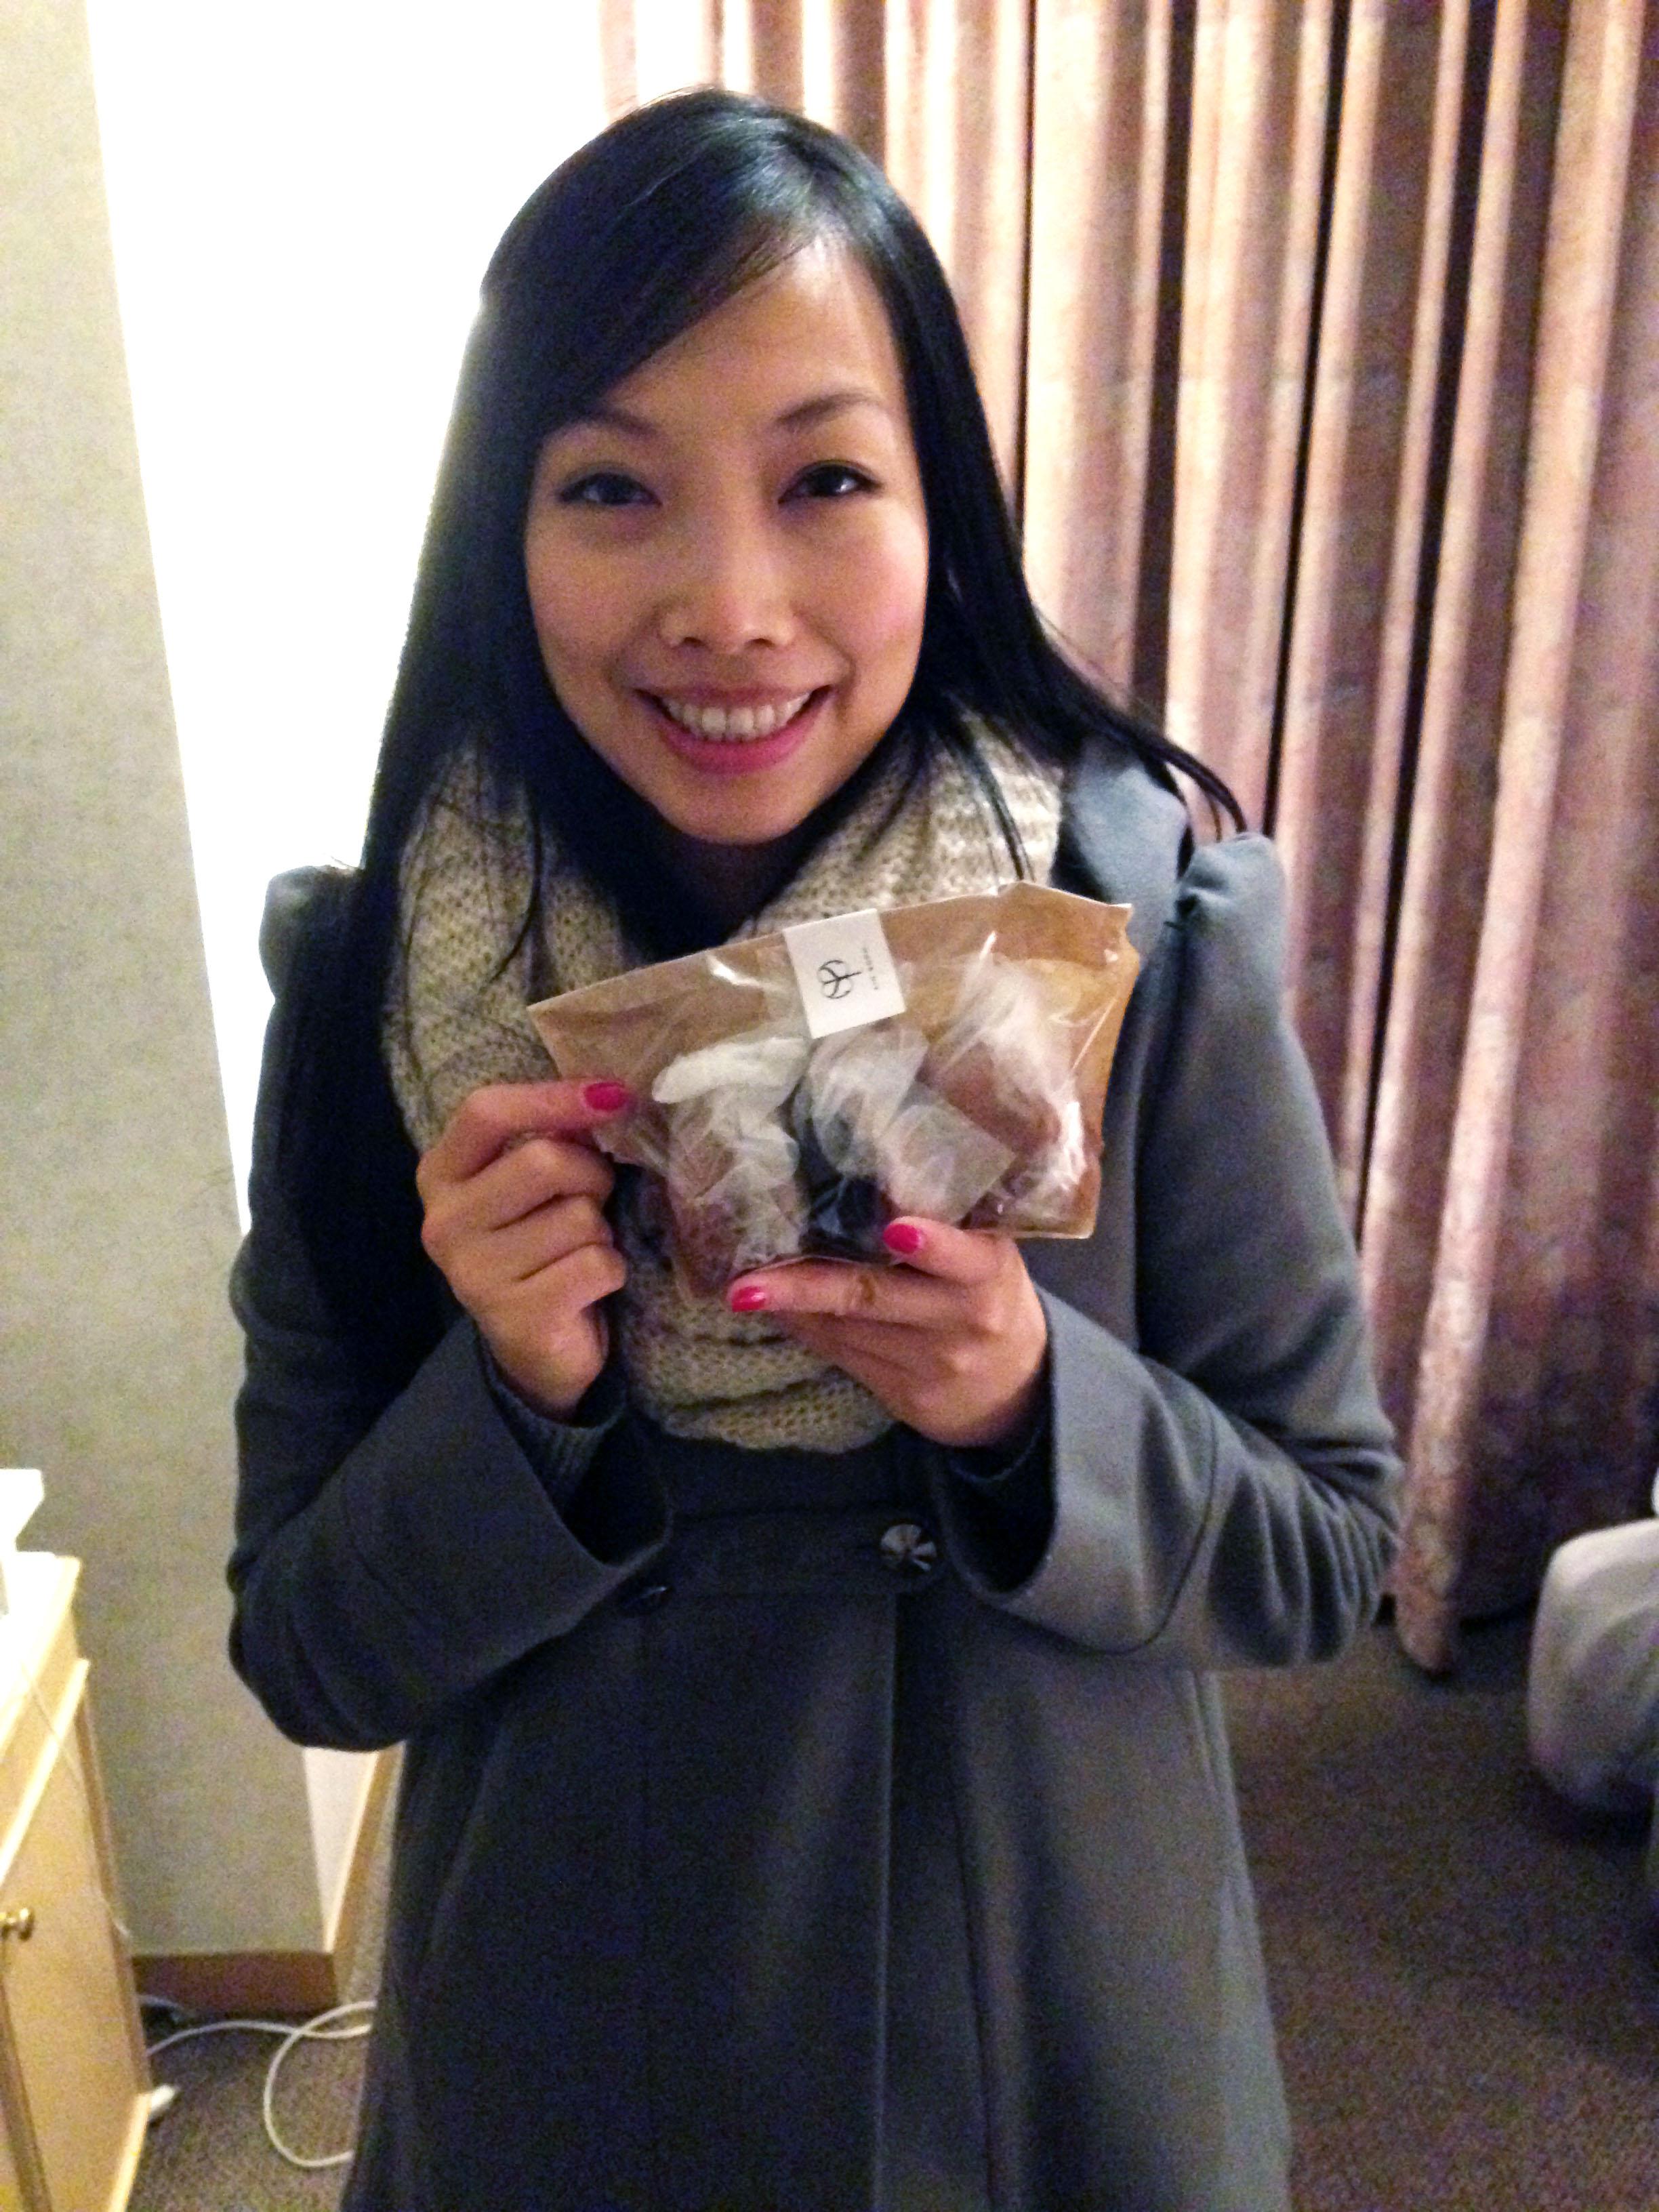 Keren with Vegan Donuts